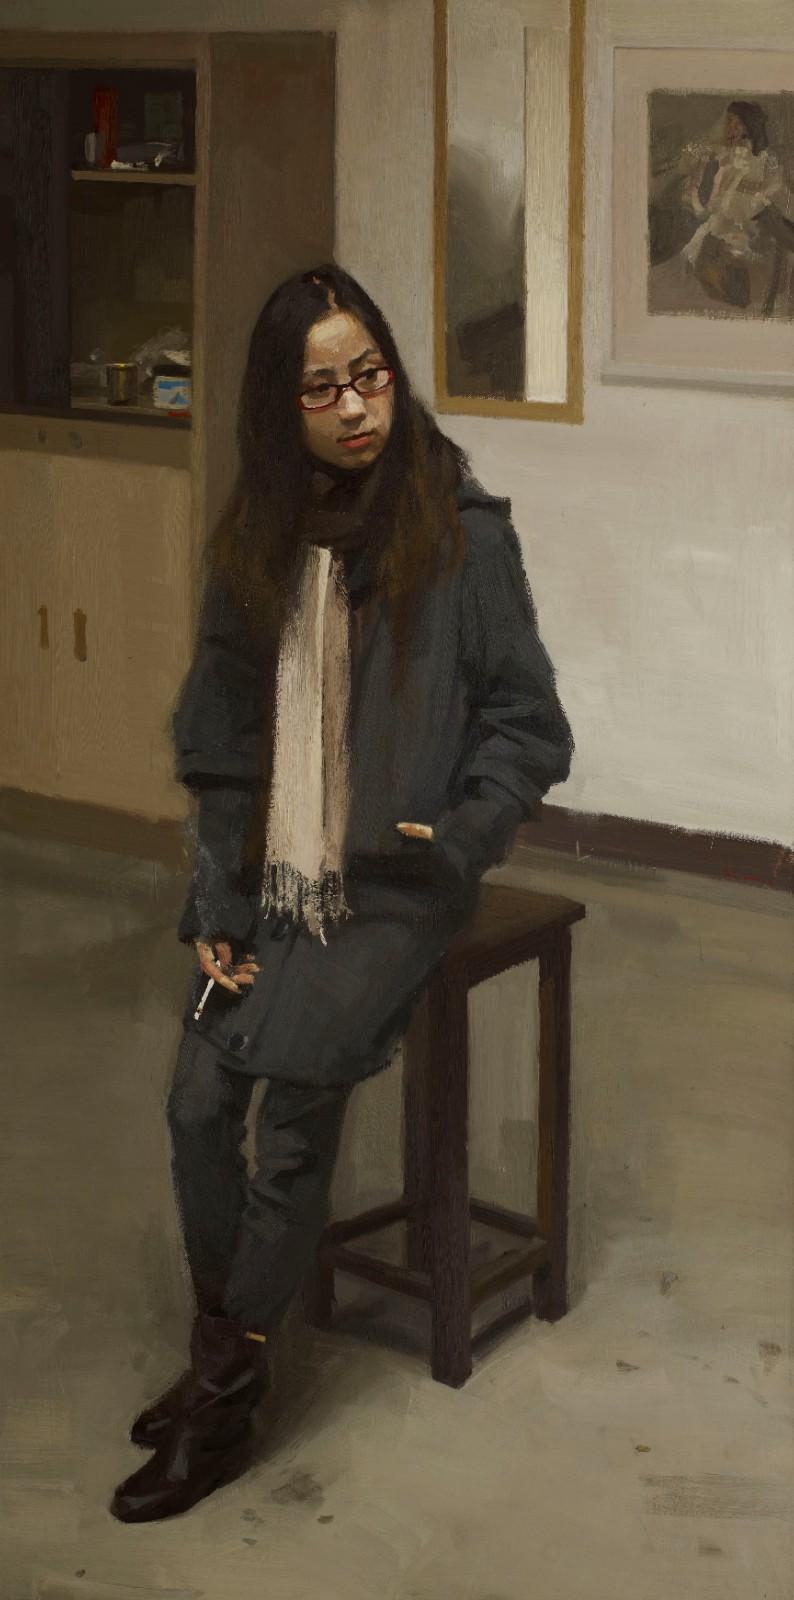 图21 抽烟的女孩儿200x100cm 2011.jpg